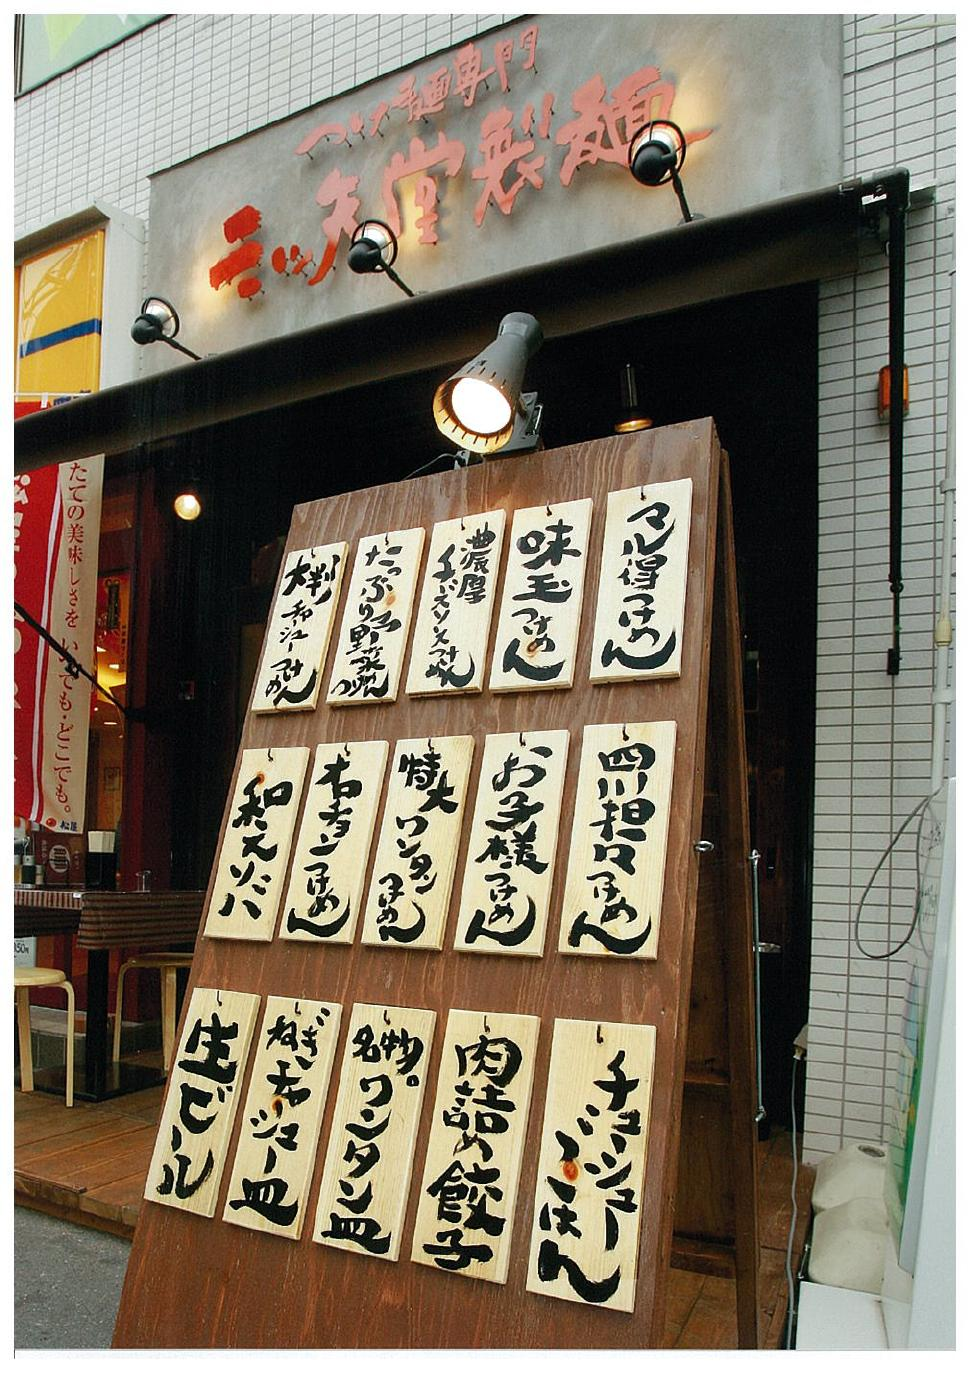 三ツ矢堂製麺 椎名町店 本日10月25日(月)オープン!_e0173239_12323318.jpg